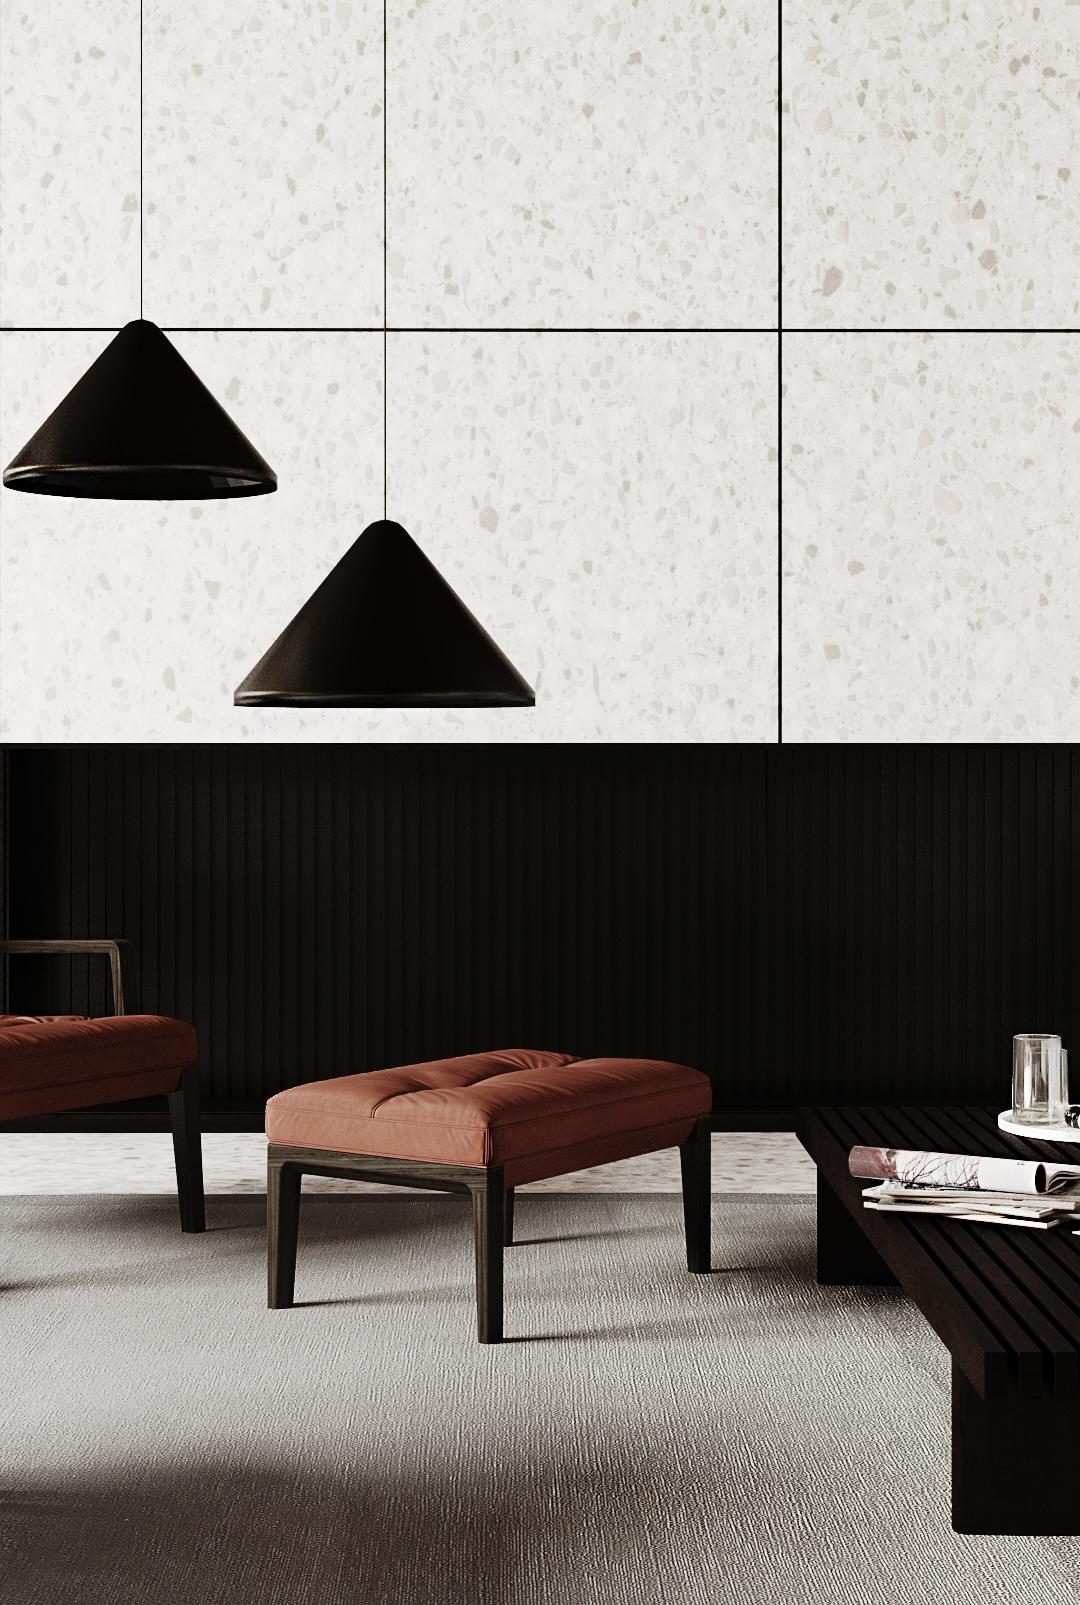 senko-architects-ID_13_04